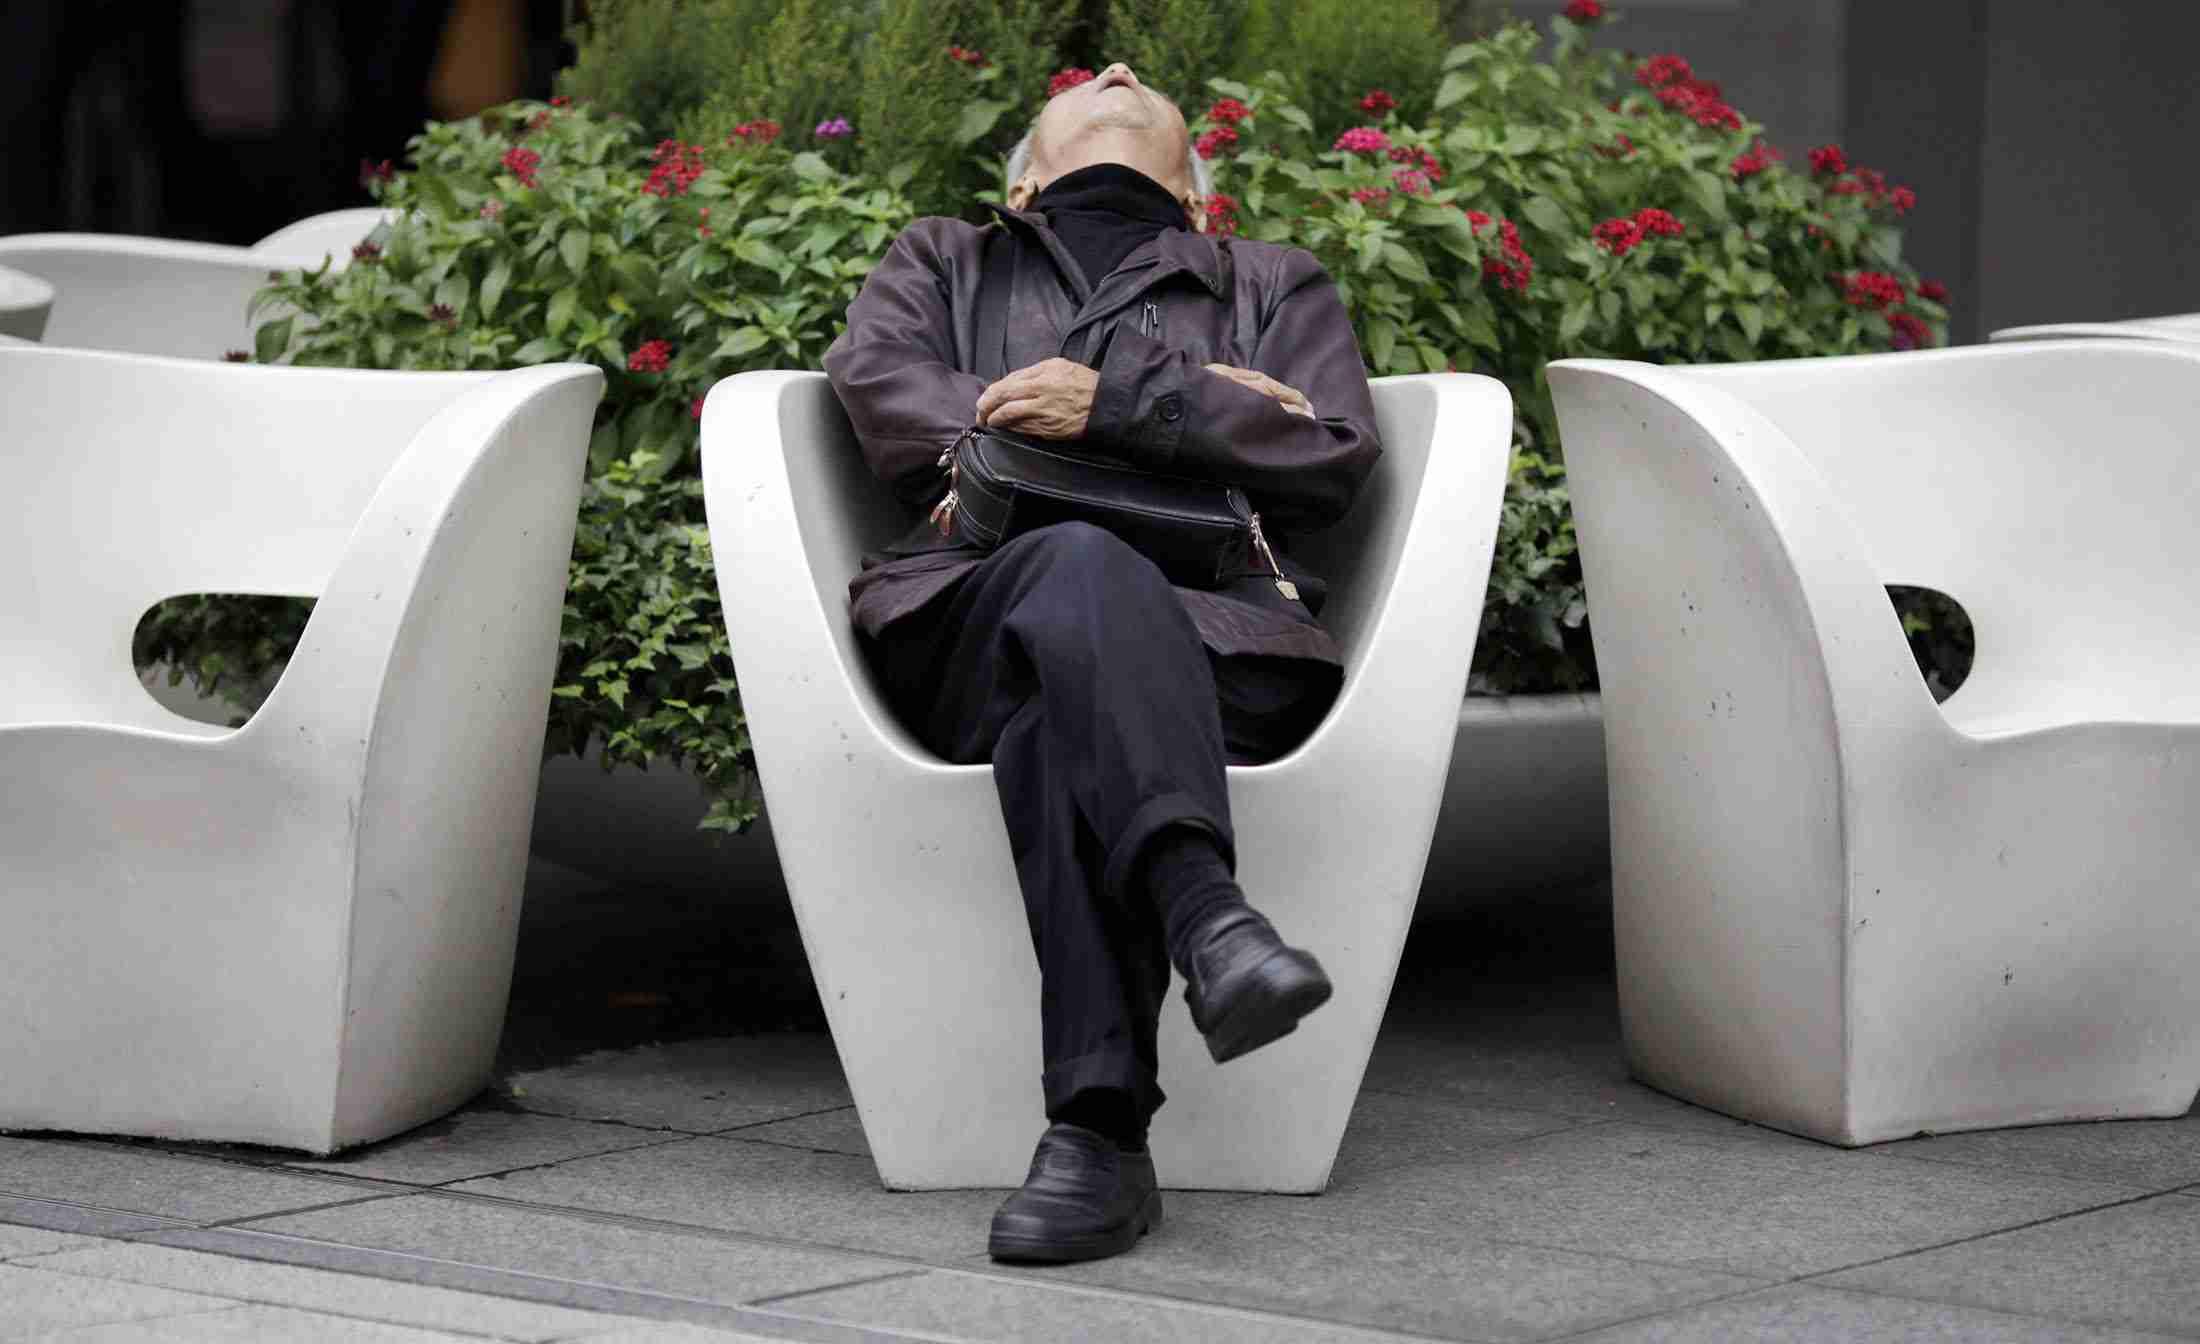 寝不足がもたらす膨大な経済損失、頭痛だけでなく生産性の低下も - Bloomberg